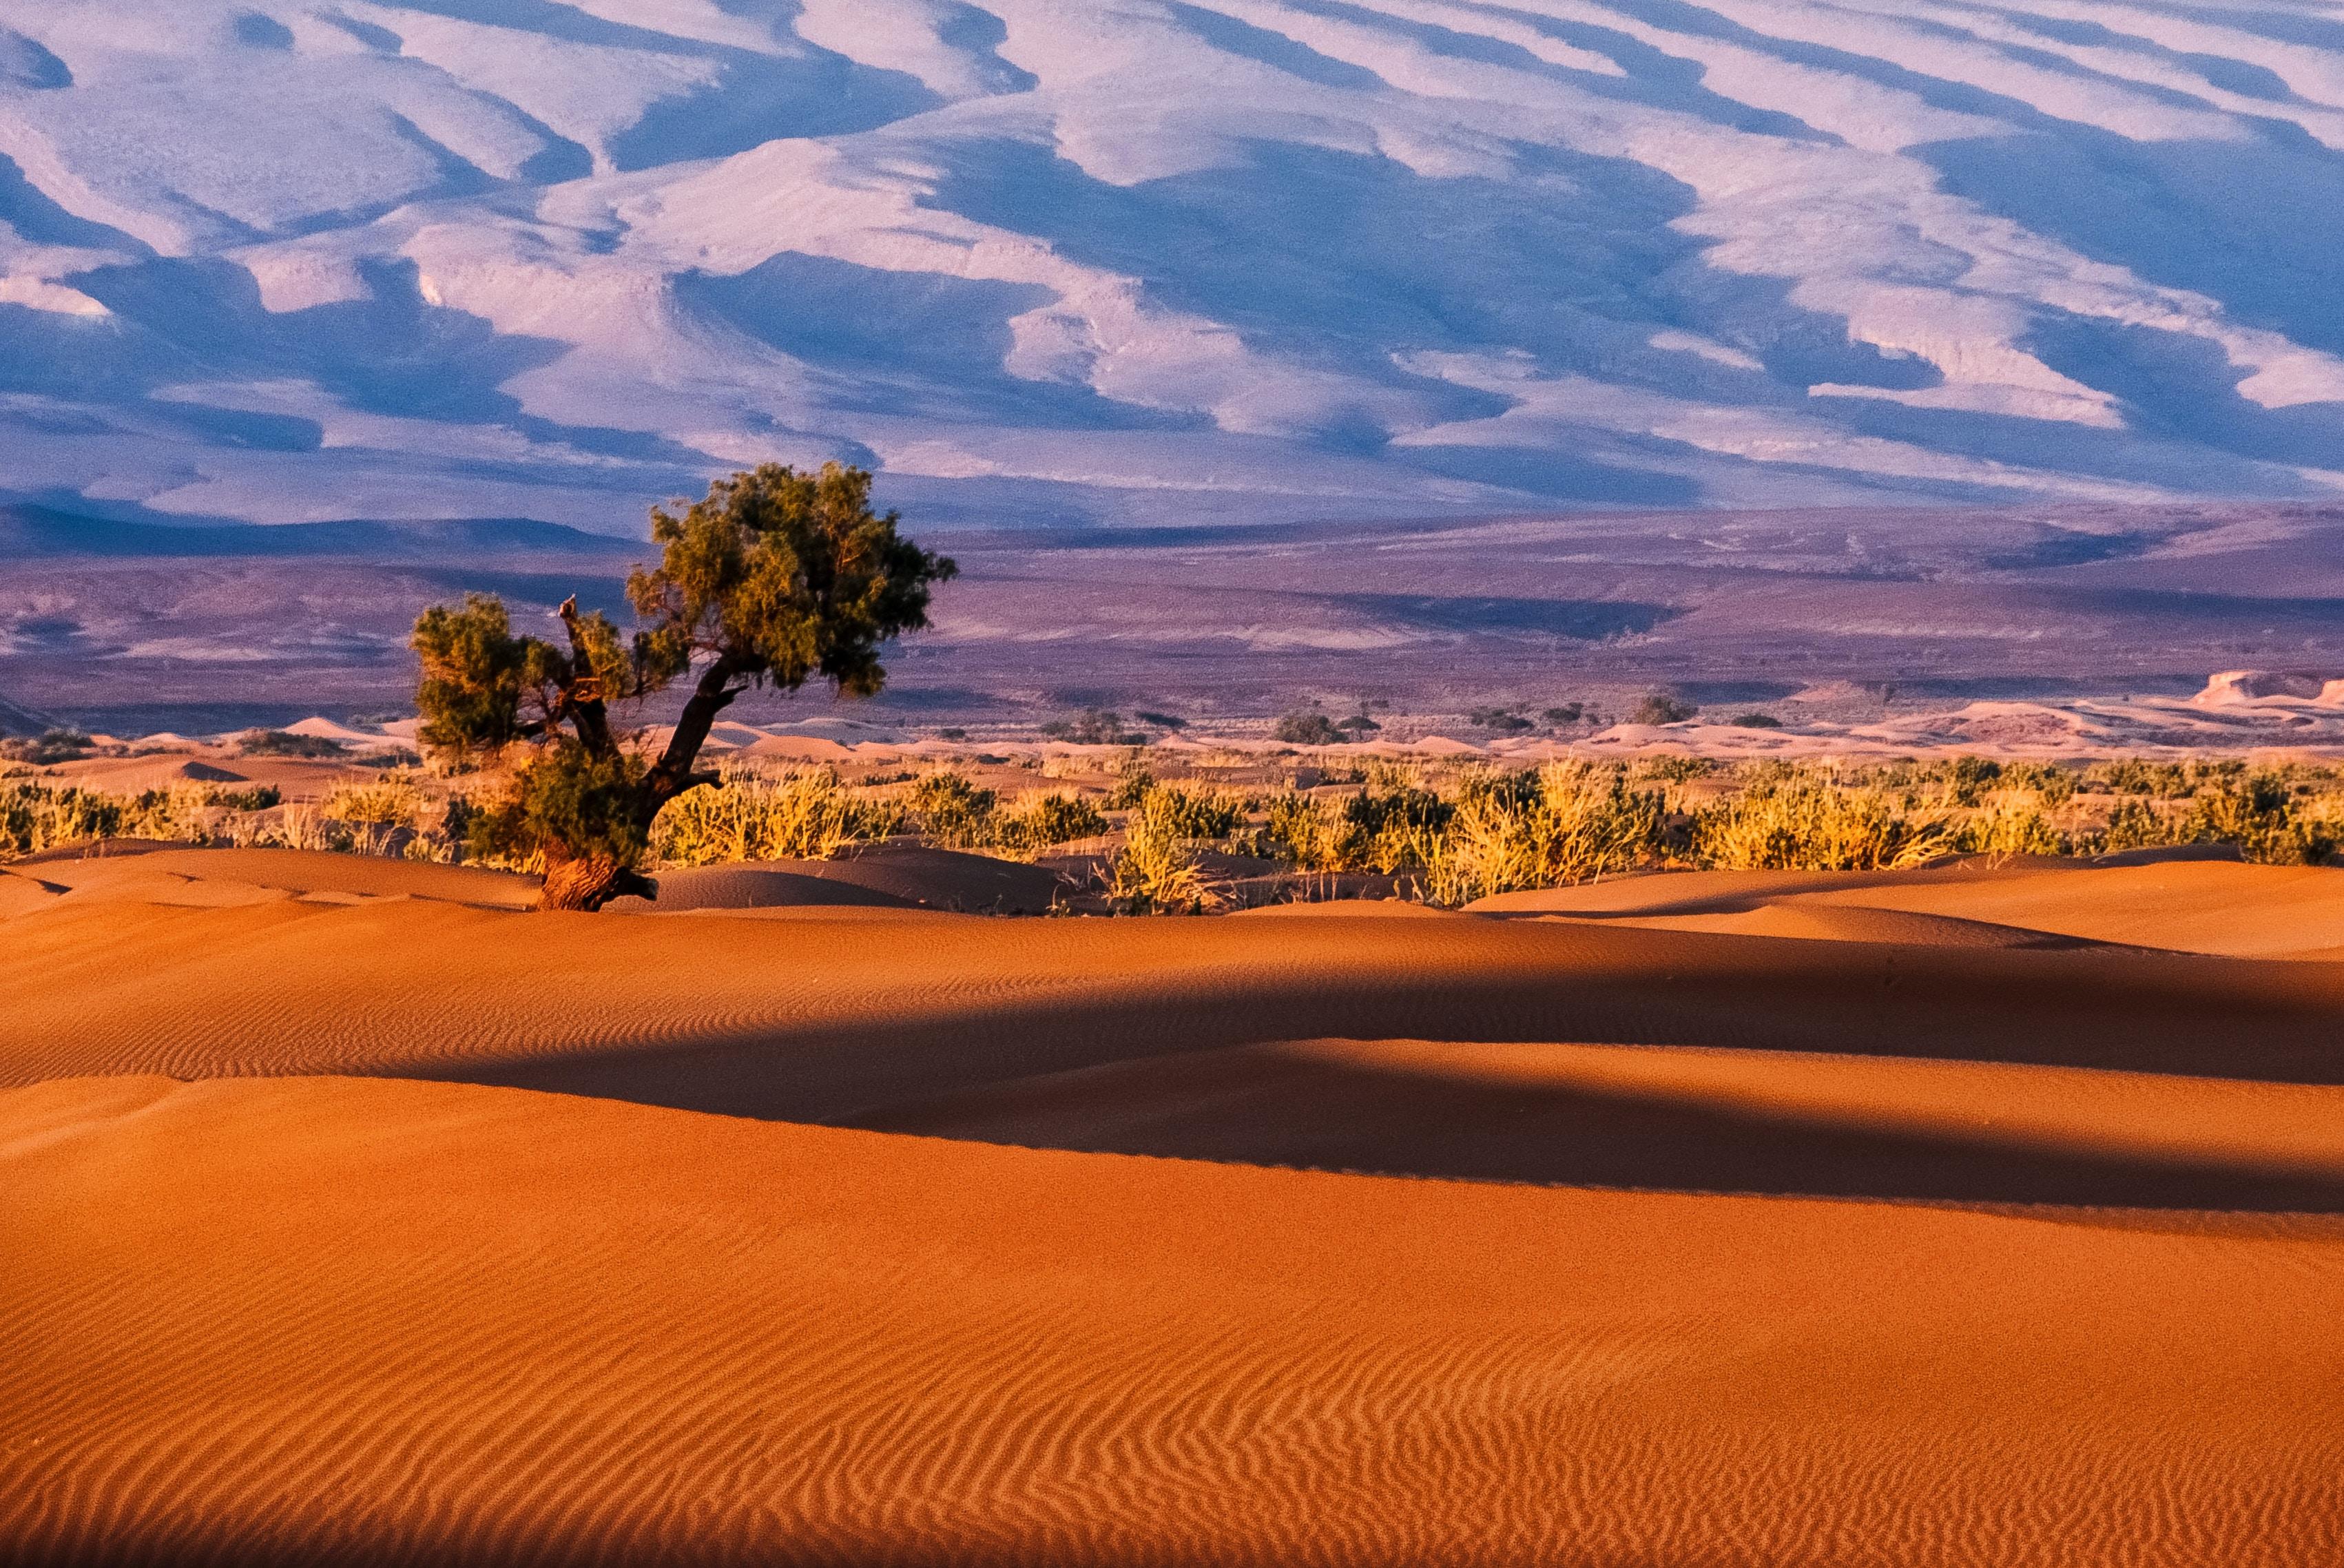 tree in a desert field